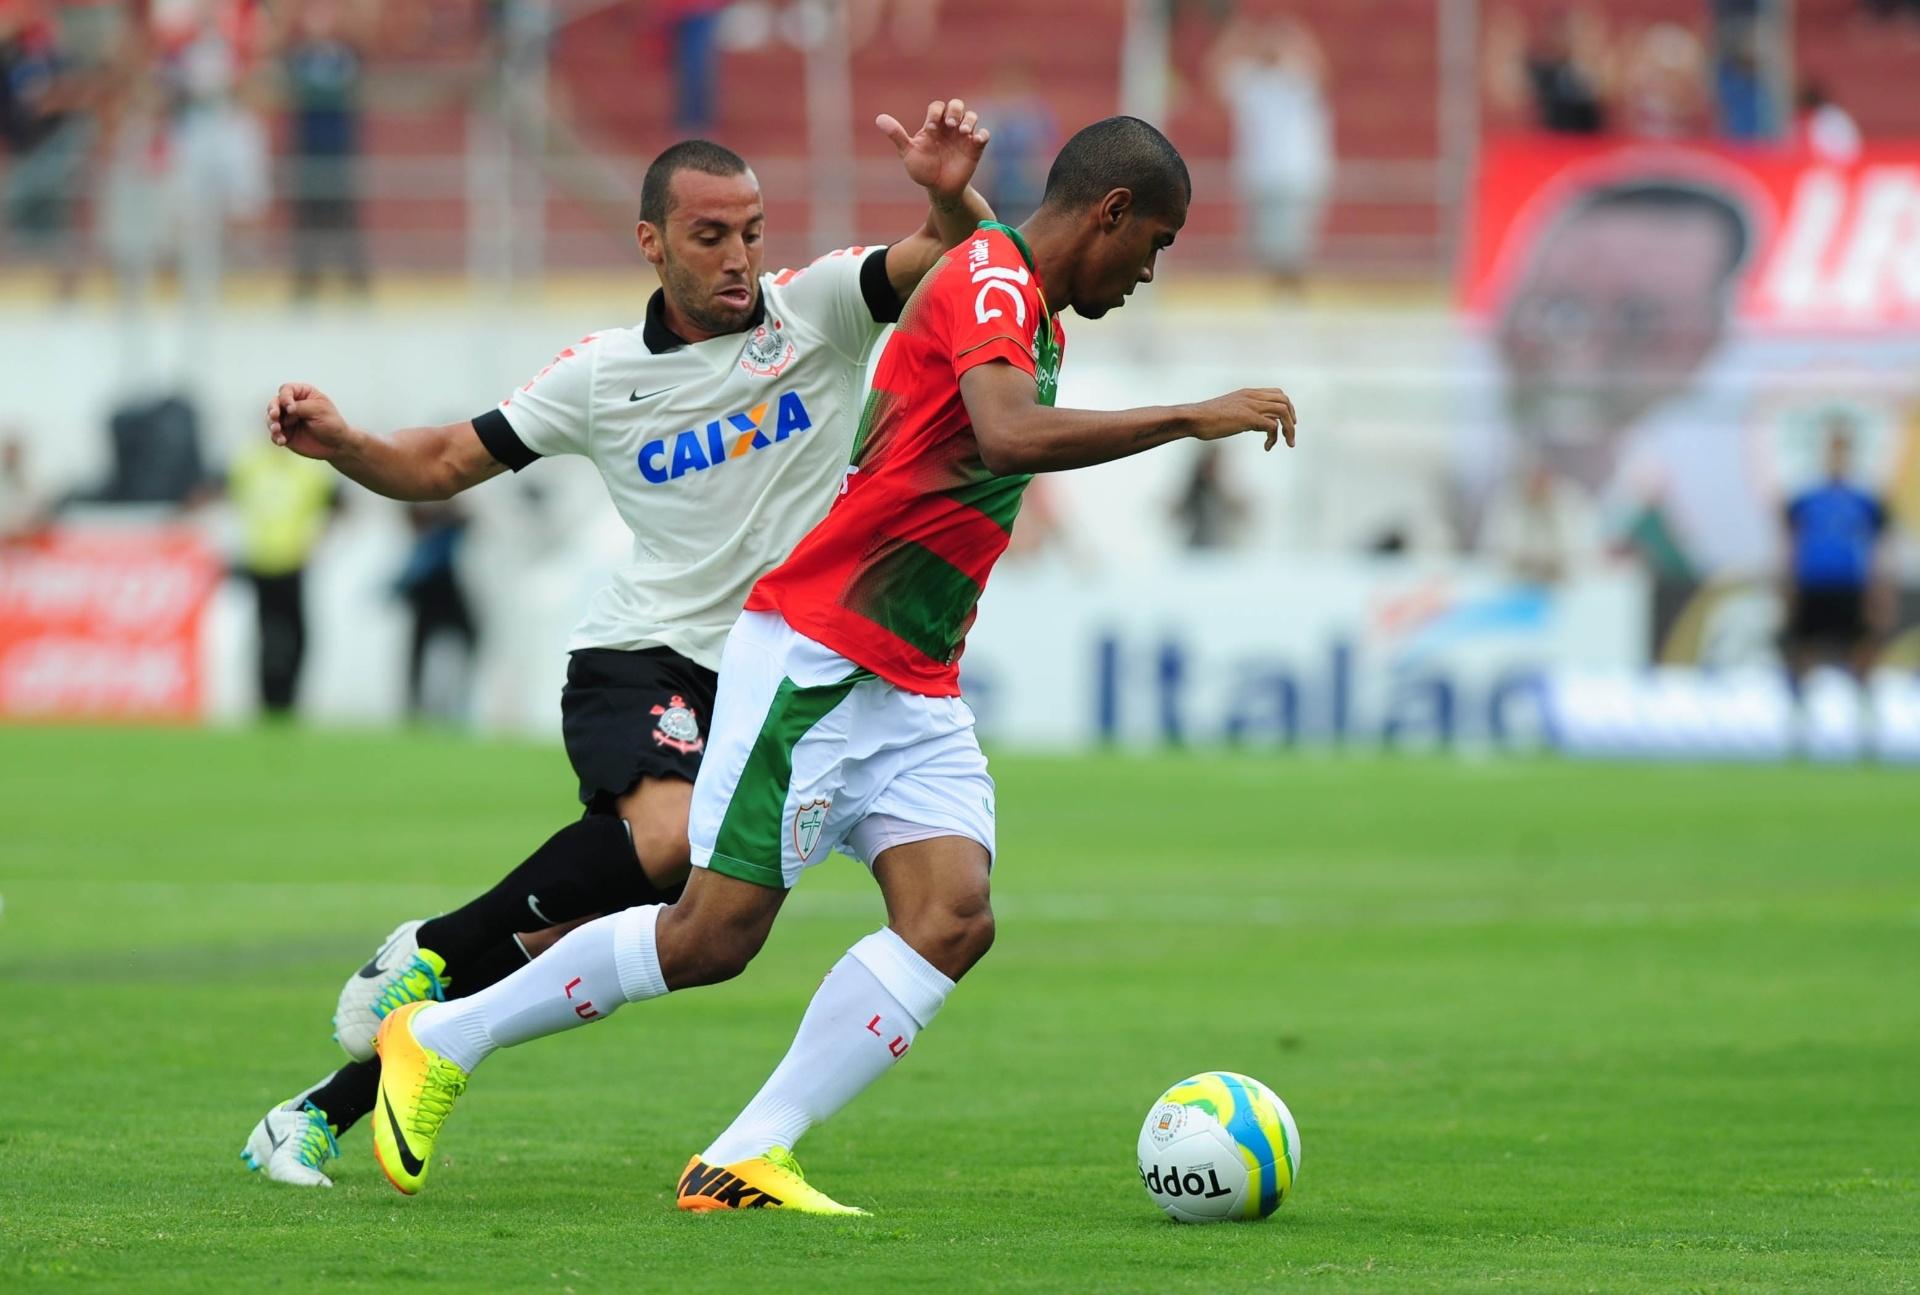 Guilherme assina contrato com a Udinese e não joga mais pelo Corinthians -  18 07 2014 - UOL Esporte b13e5fdd0f2d1